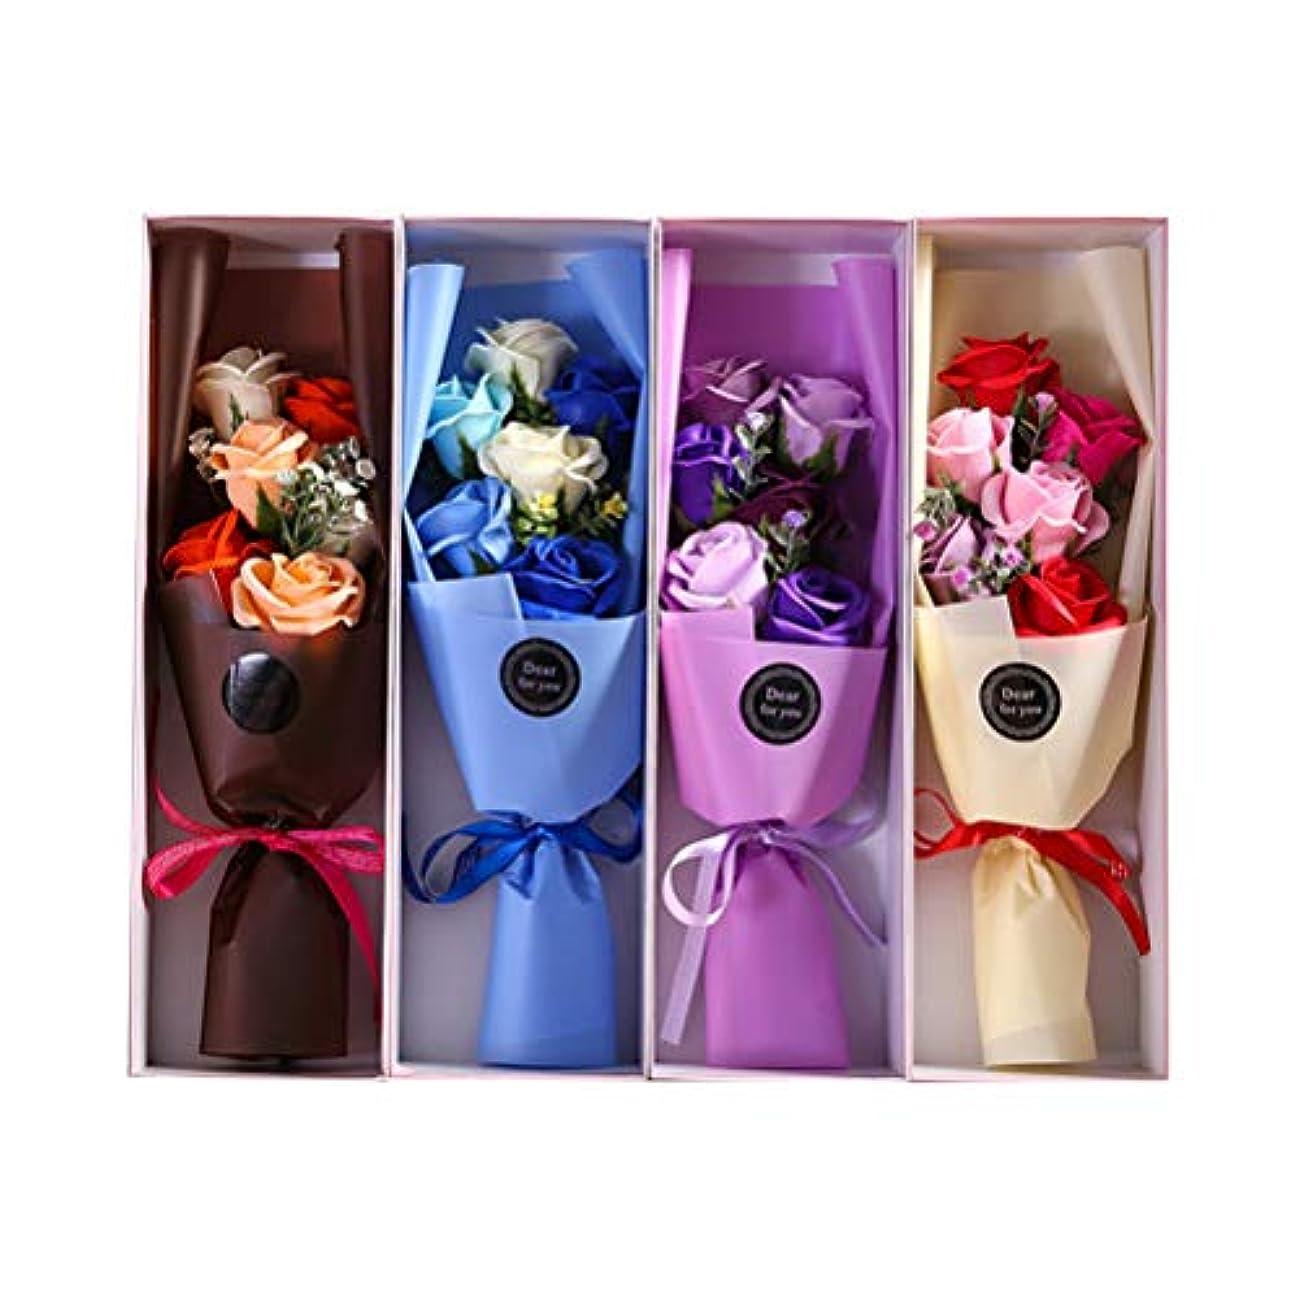 かりて映画物理BESTOYARD 6PCS石鹸の花びら人工石鹸の花のバラのギフトボックスカップルバレンタインデーのプレゼント(ランダムカラー)